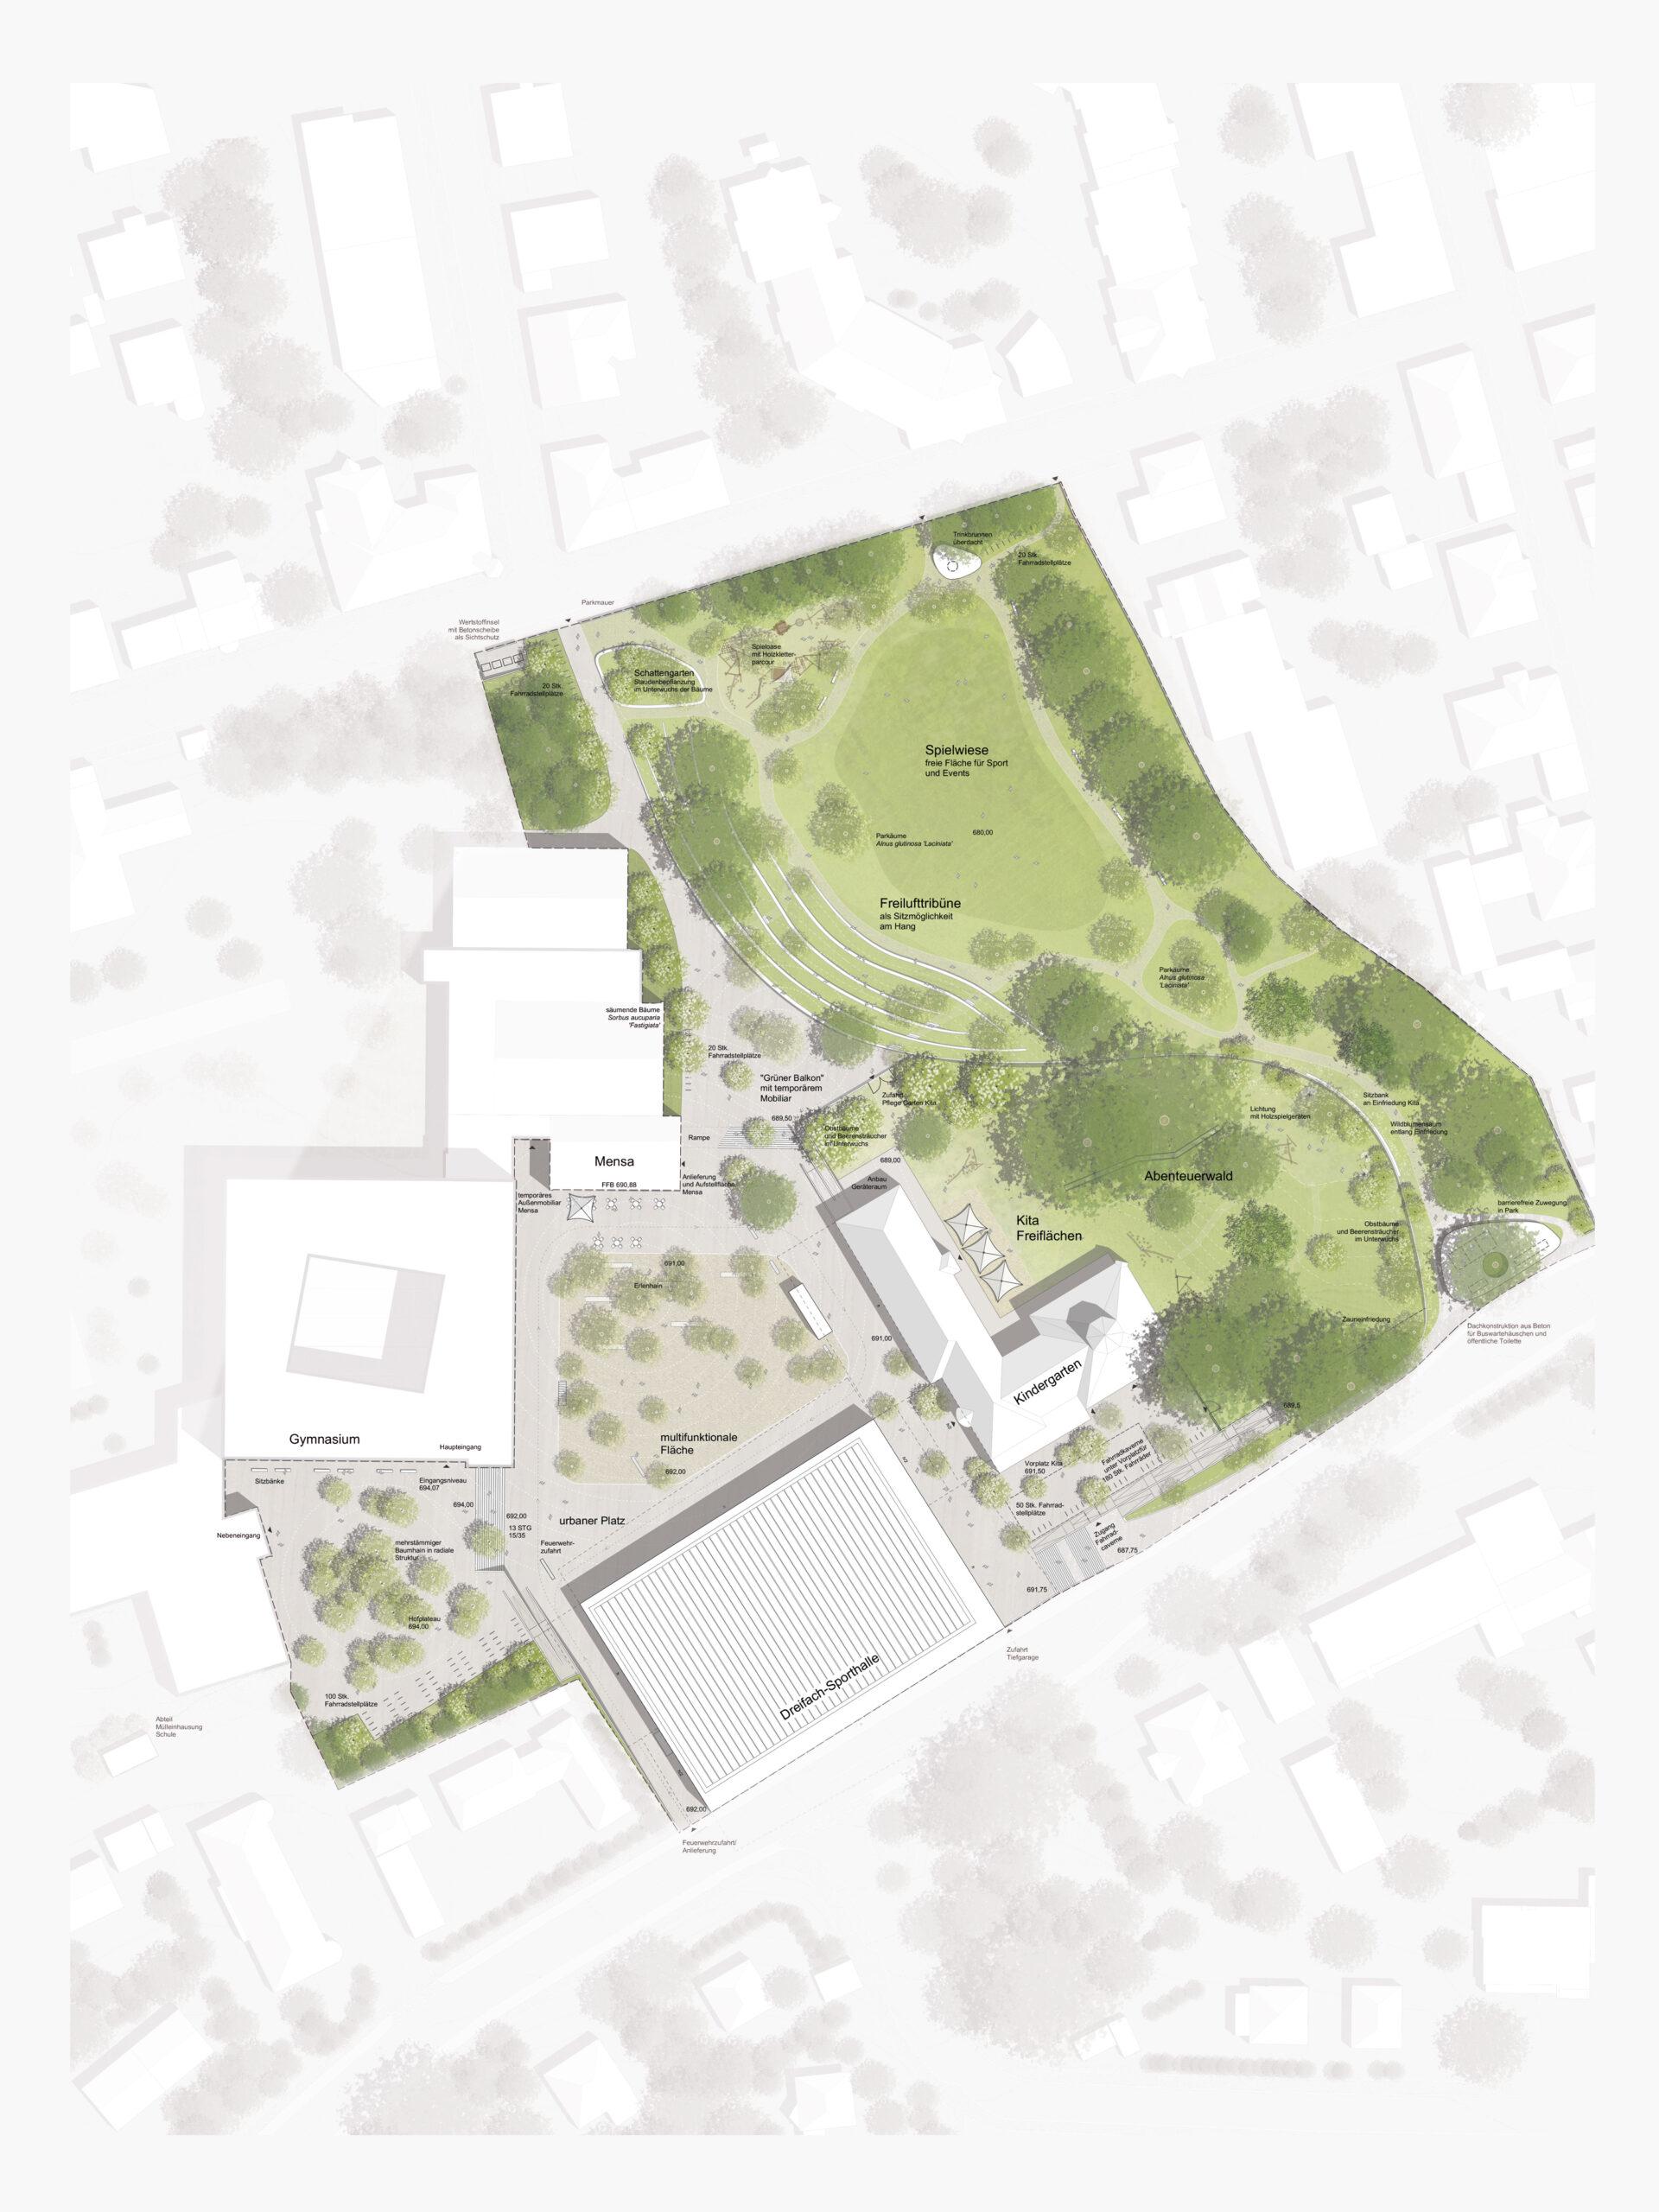 Michael-Becker-Architects-Architekten-3-fach-Turnhalle-Kempten-Rahmenplan